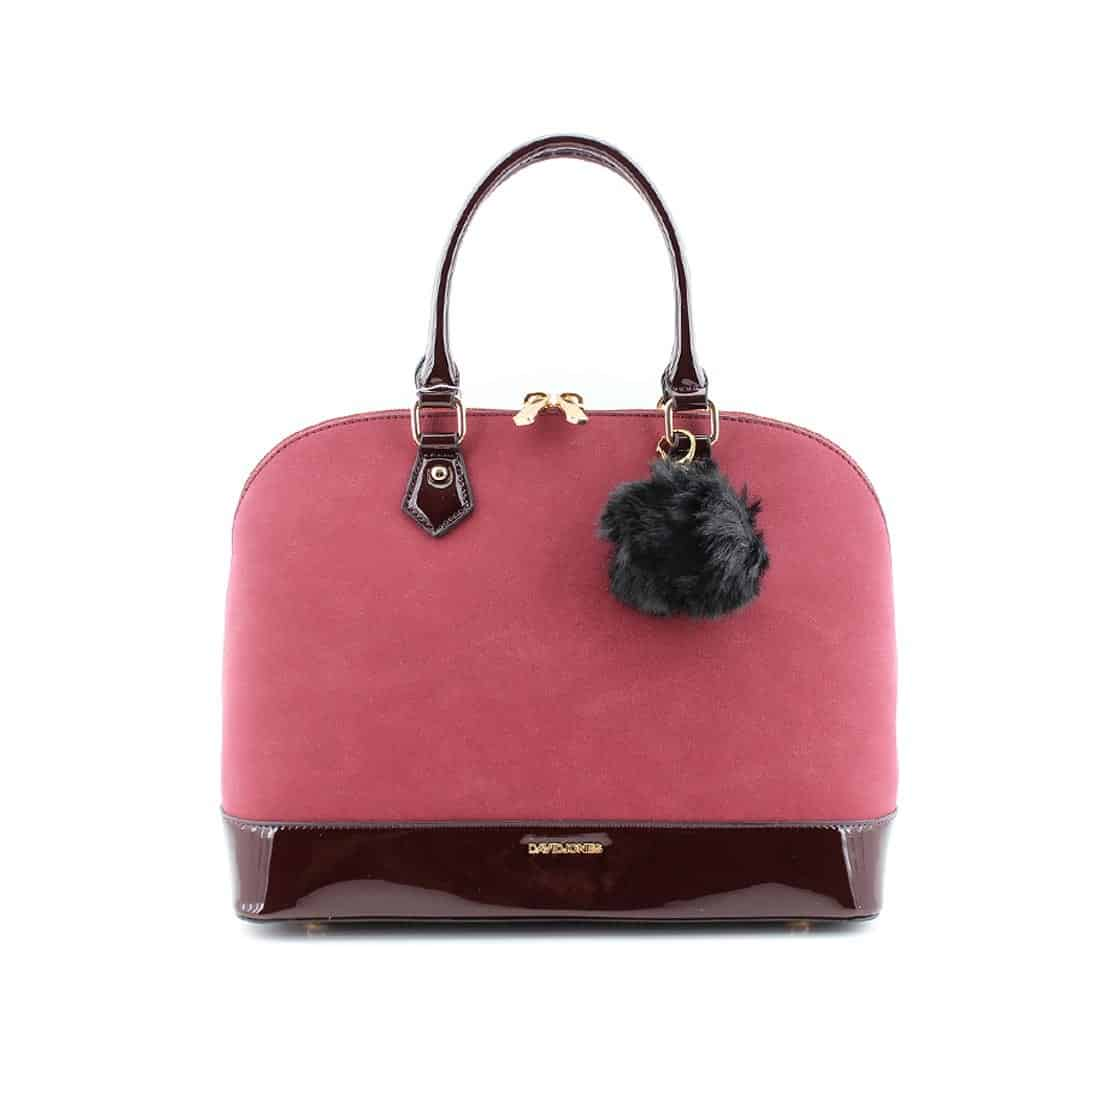 كيف تختارين الحقيبة المناسبة لك؟